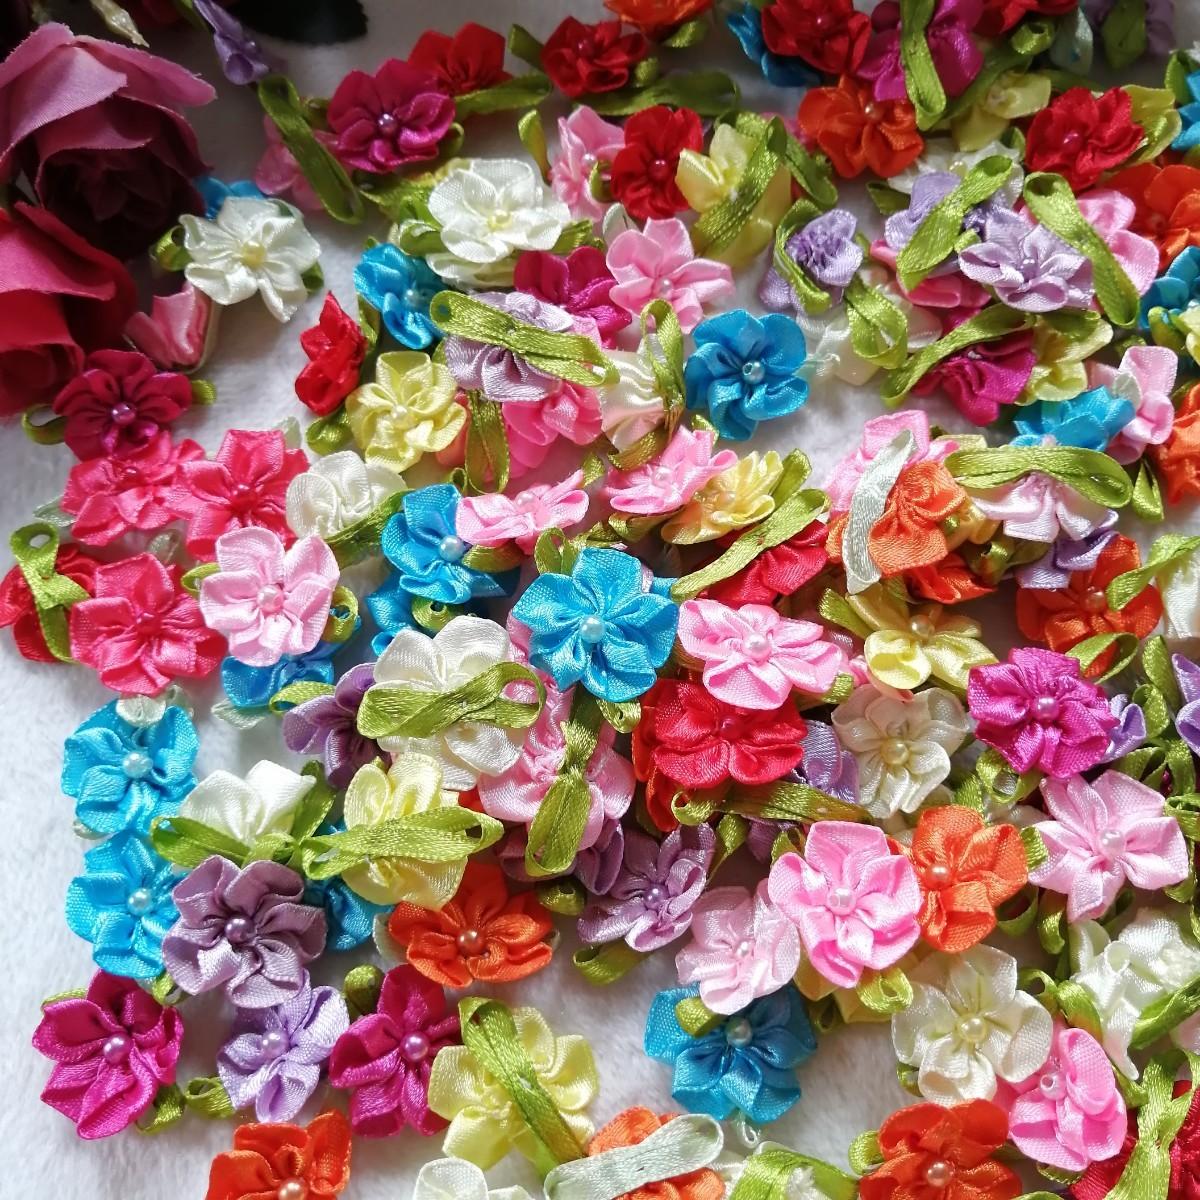 ハンドメイド ワッペン   刺繍 綺麗なワッベン 手作り 花モチーフ 真珠あり2